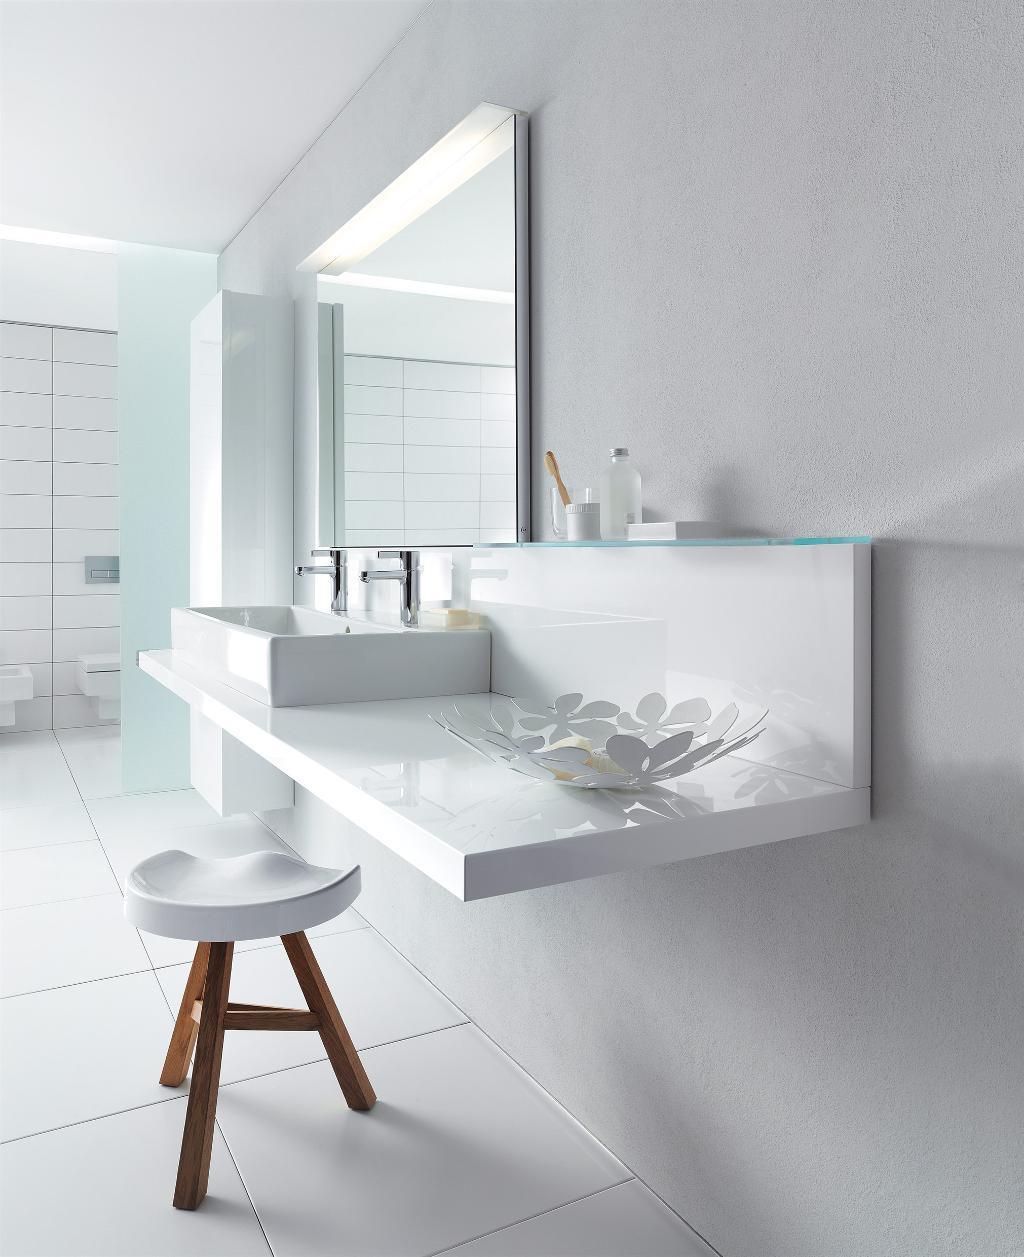 Duravit Delos gloating console with vero basin in white